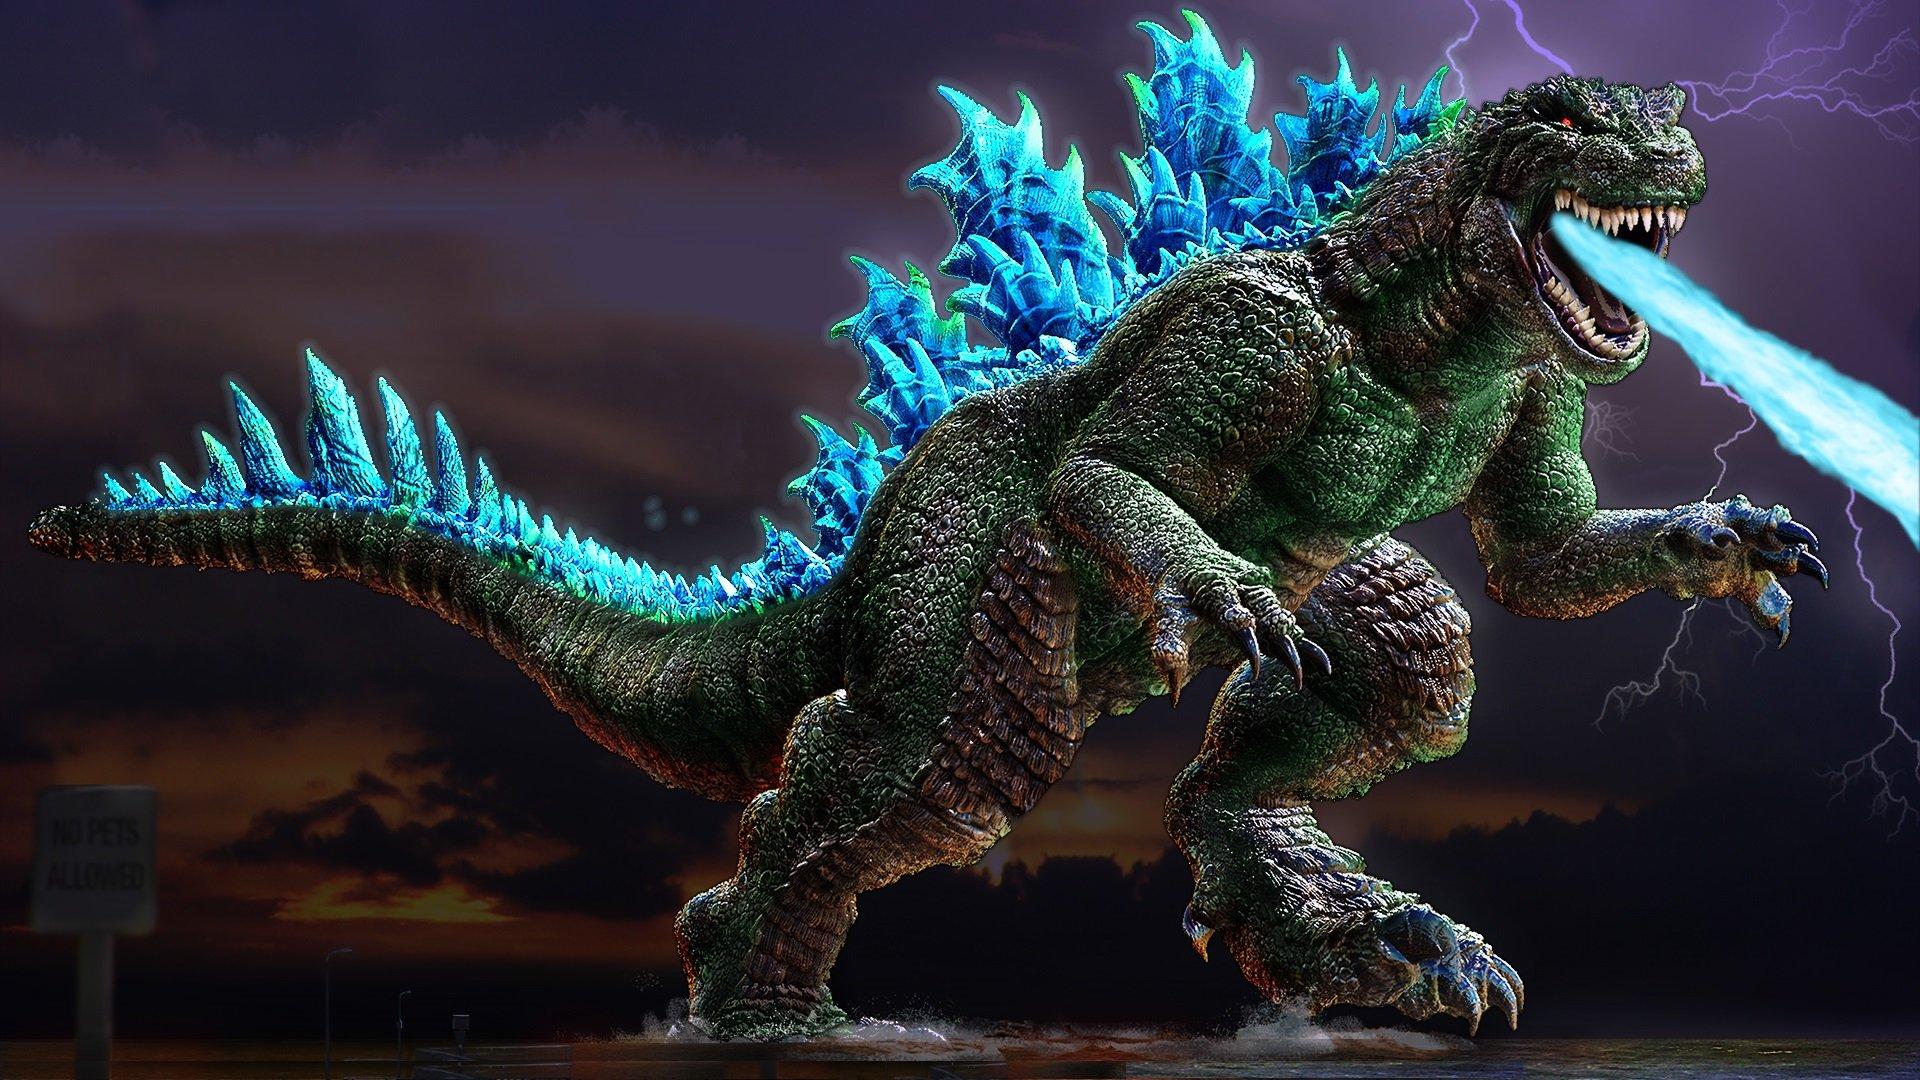 wallpaper godzilla monster dinosaur - photo #10